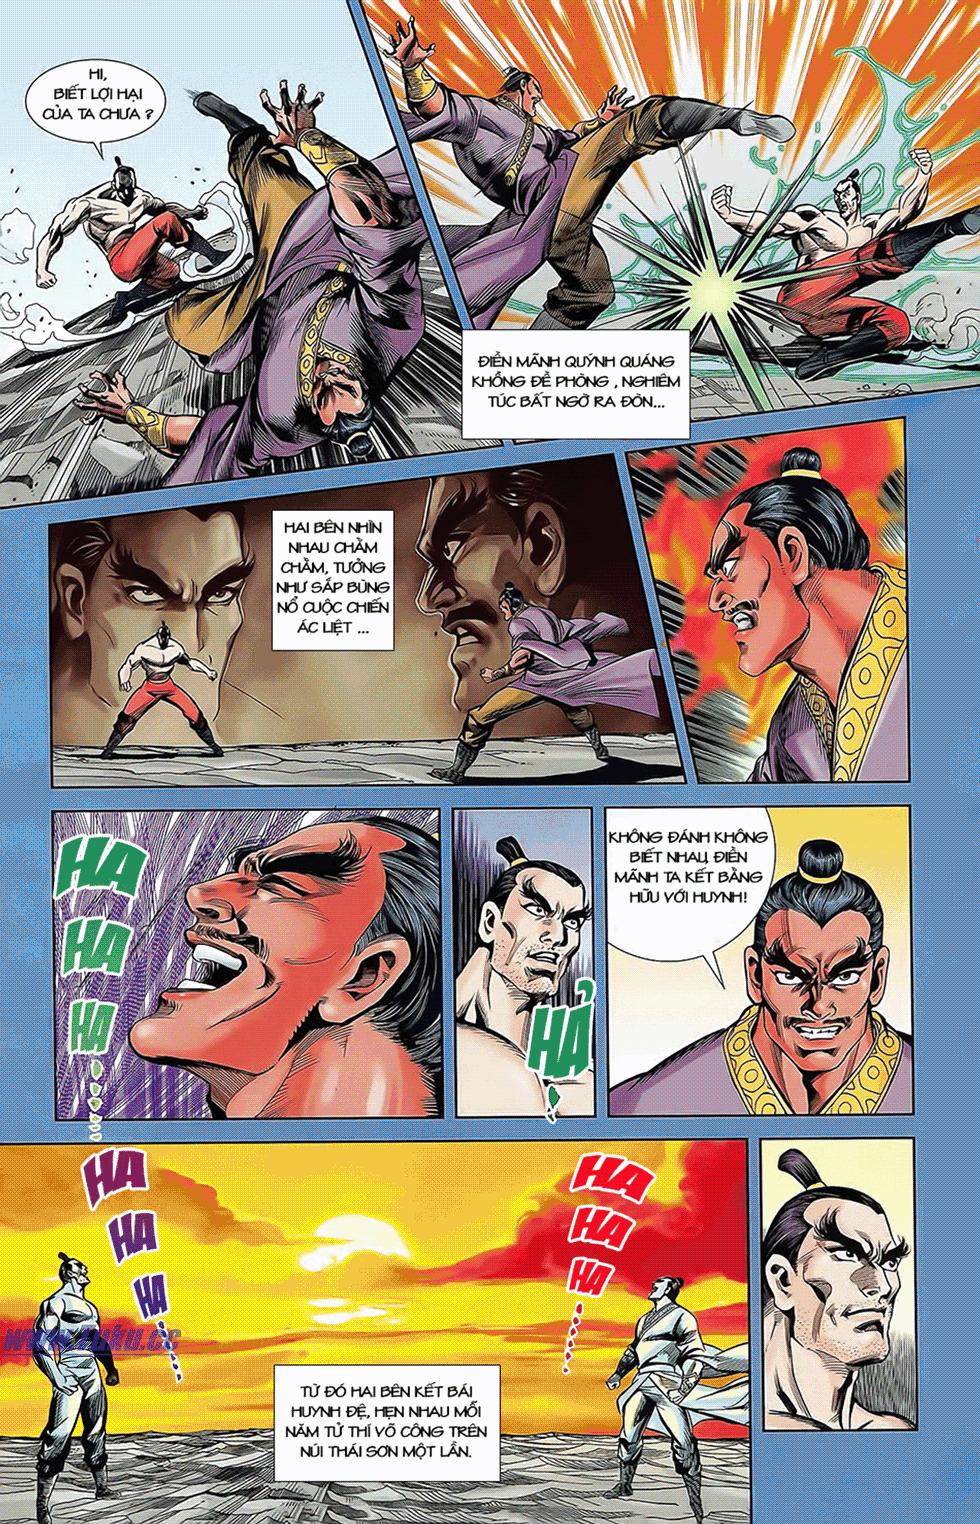 Tần Vương Doanh Chính chapter 7 trang 16